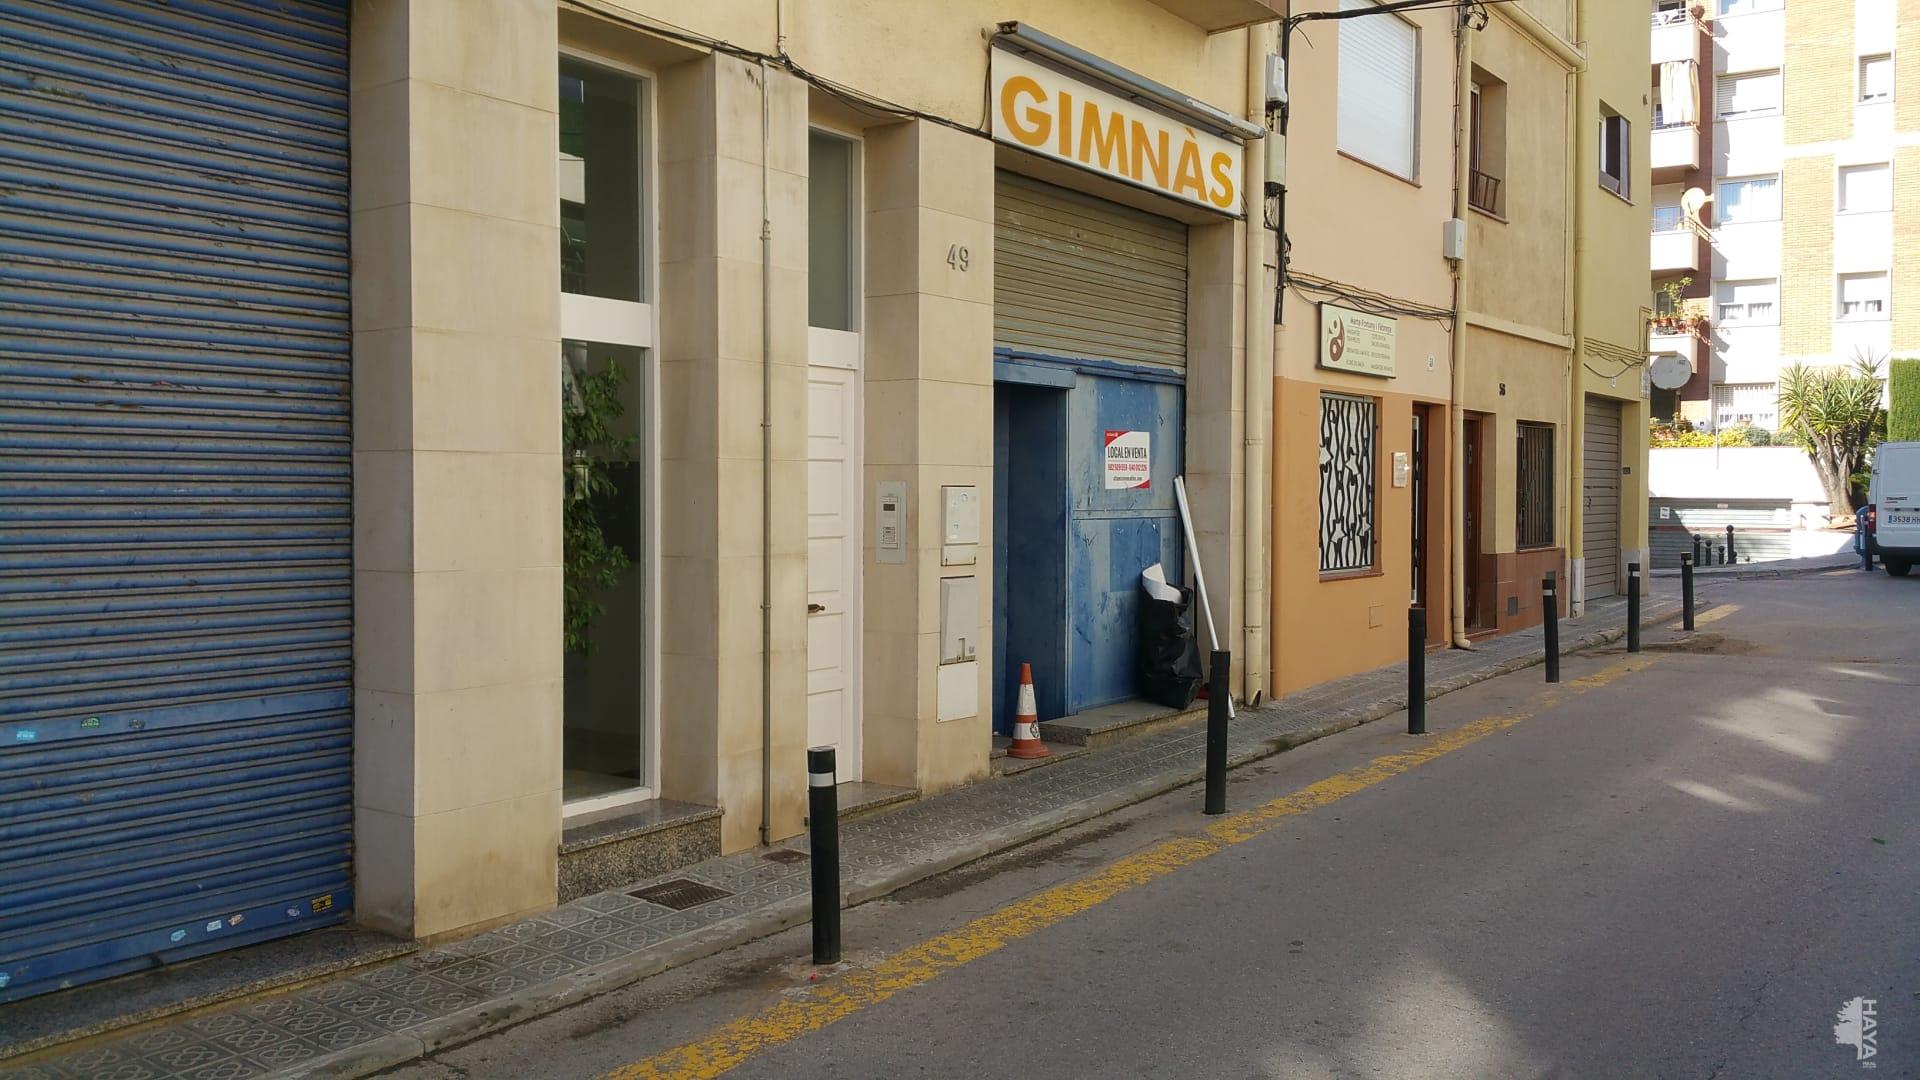 Local en venta en Arenys de Mar, Barcelona, Calle Sant Gabriel, 269.407 €, 215 m2